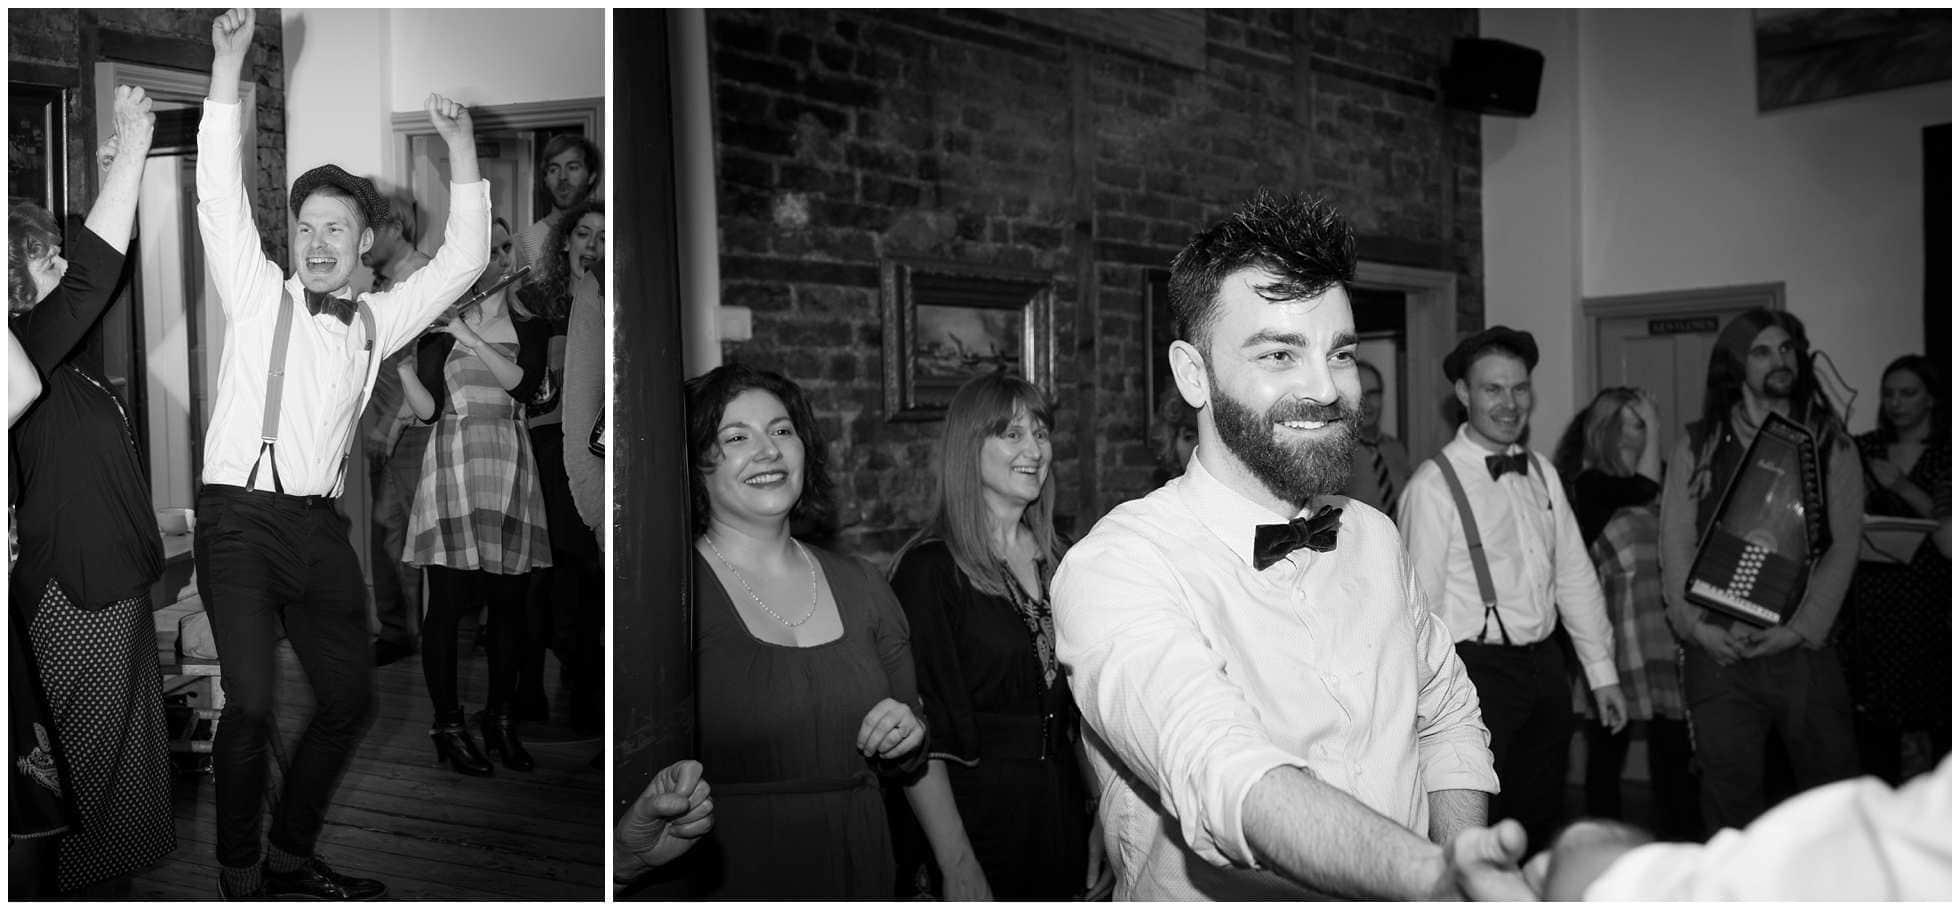 A joyous groom at a ceilidh